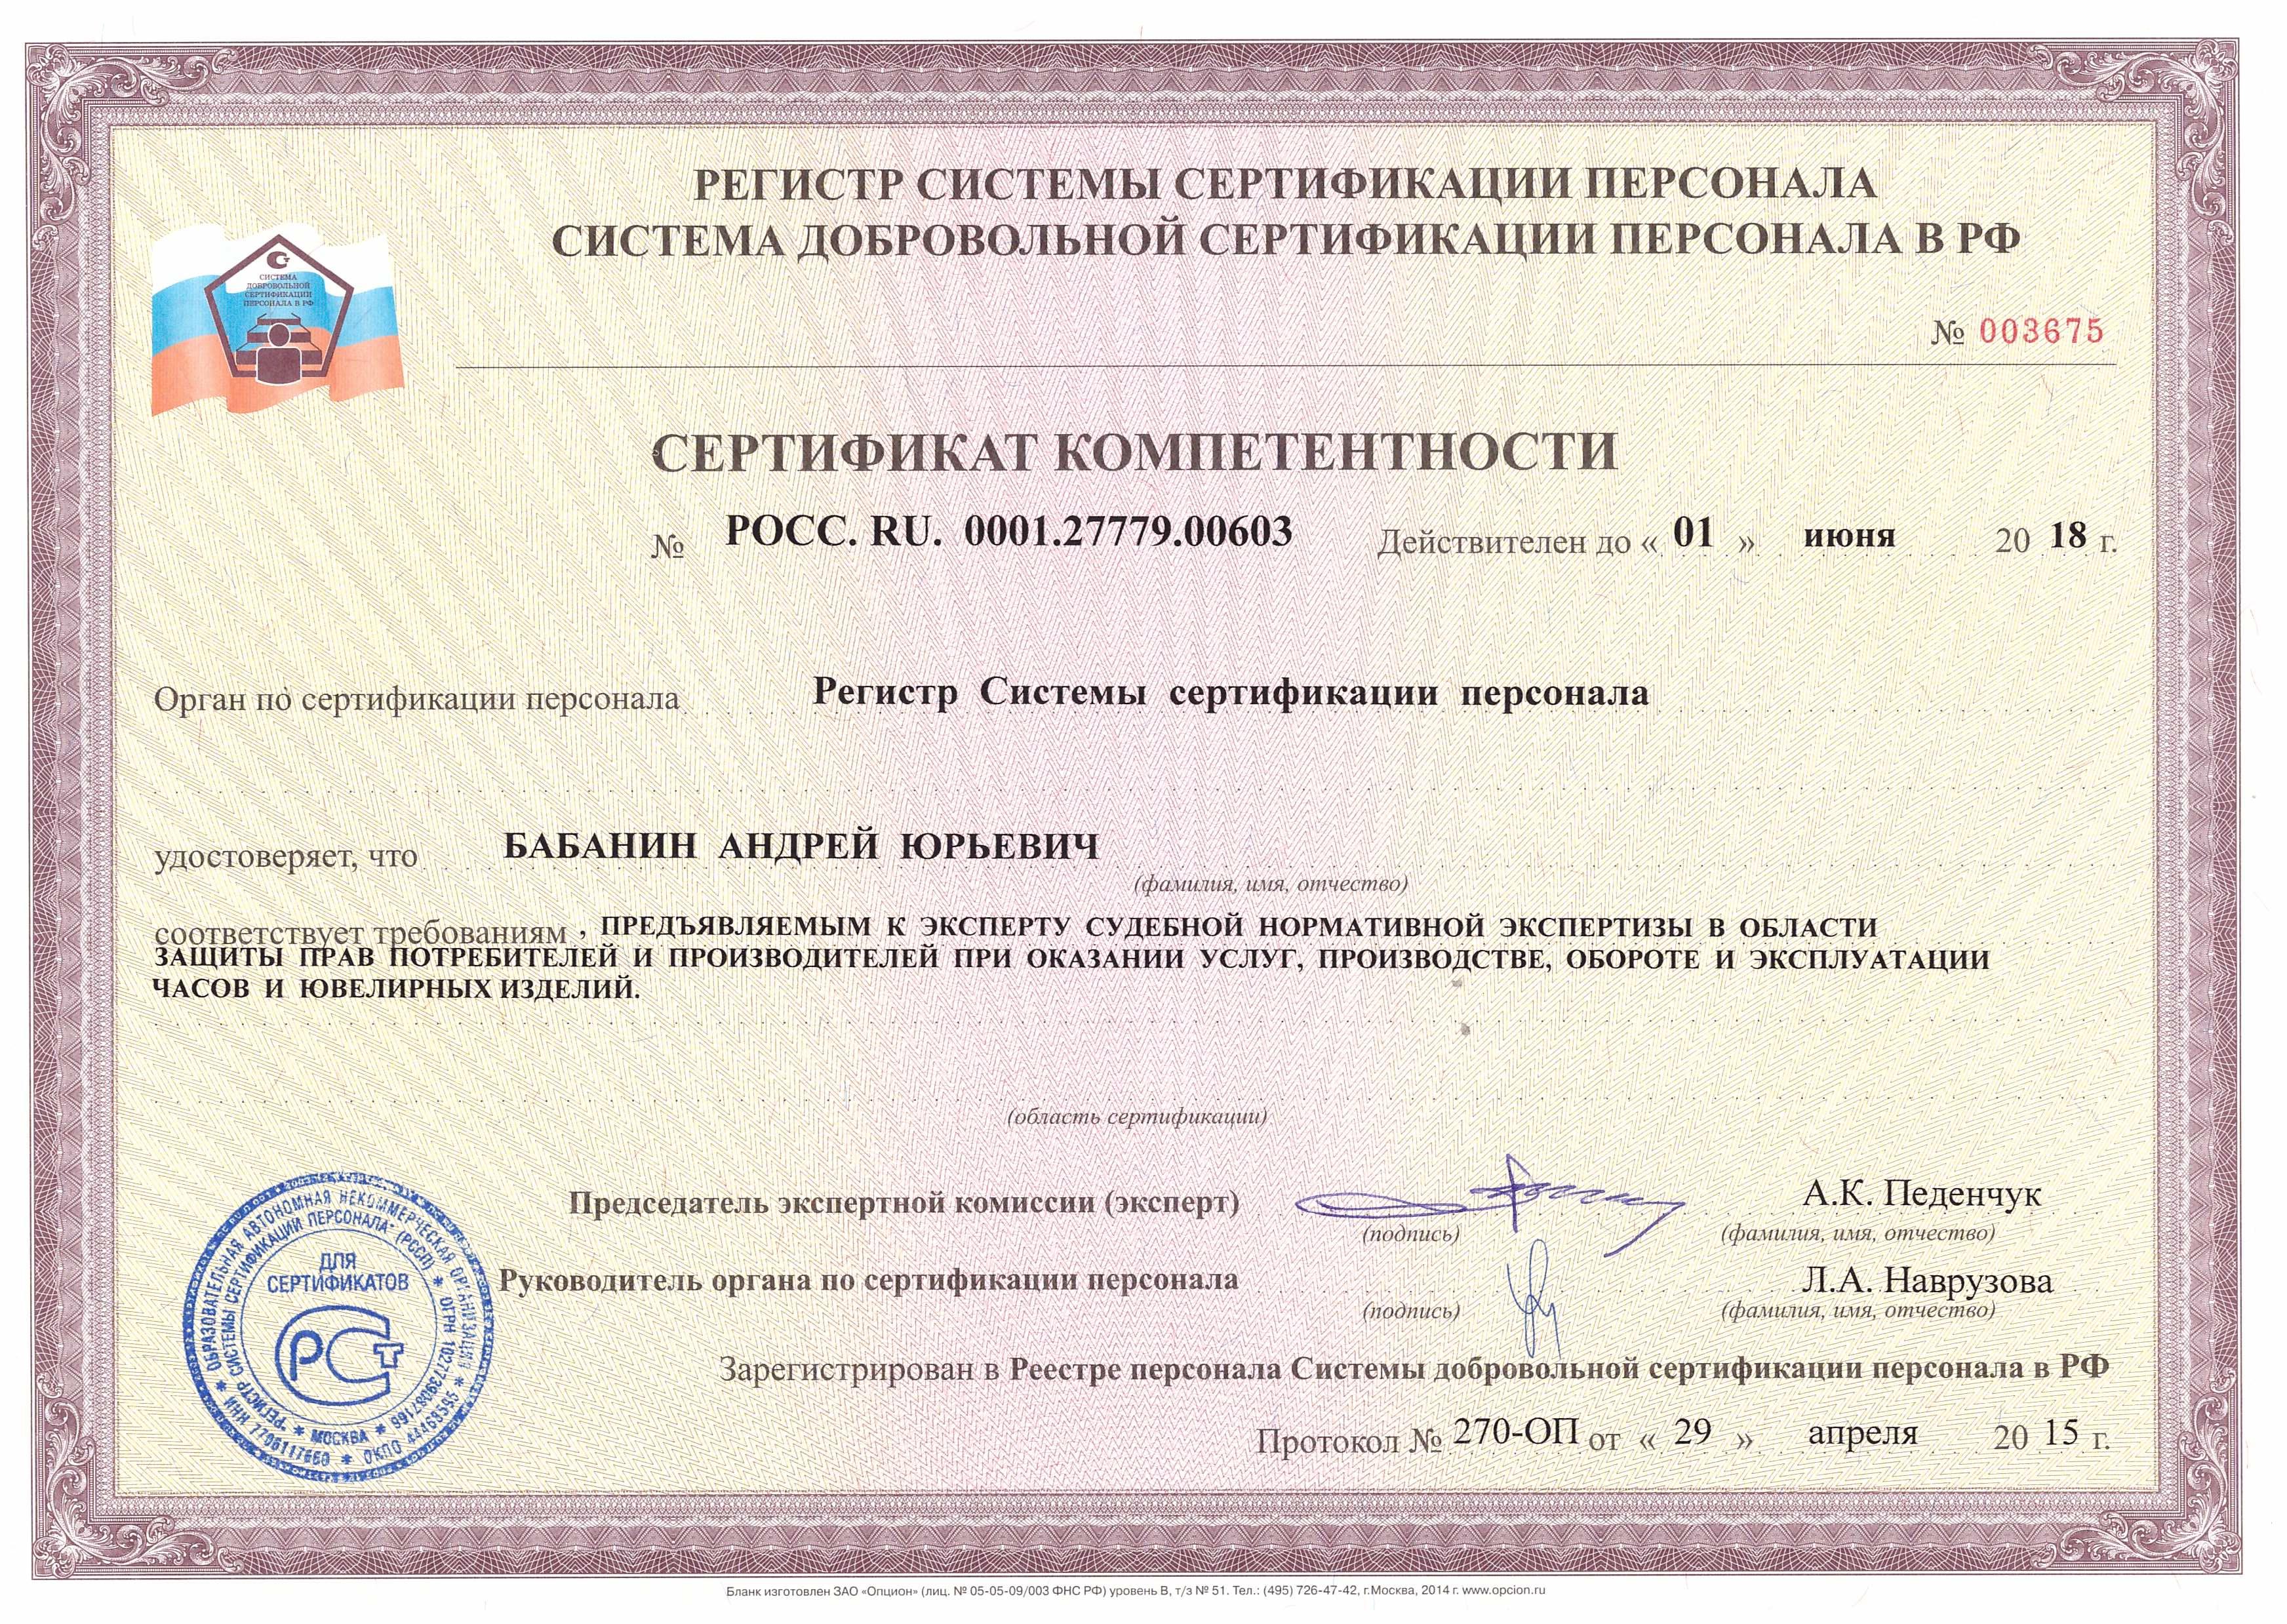 Сертификат компетентности эксперта